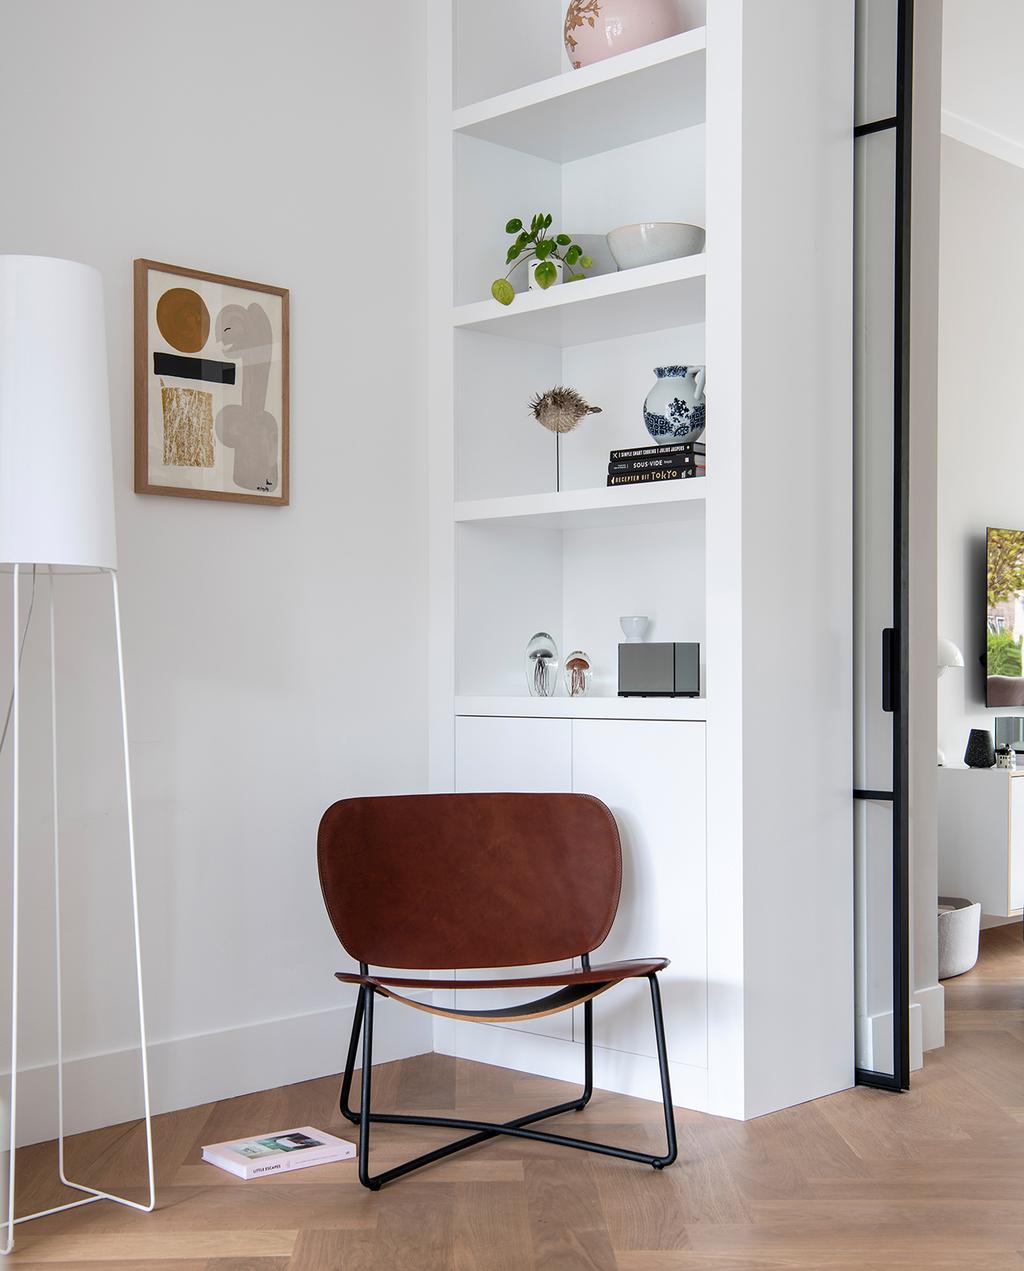 vtwonen 04-2021 | stoel van bruin en cognac